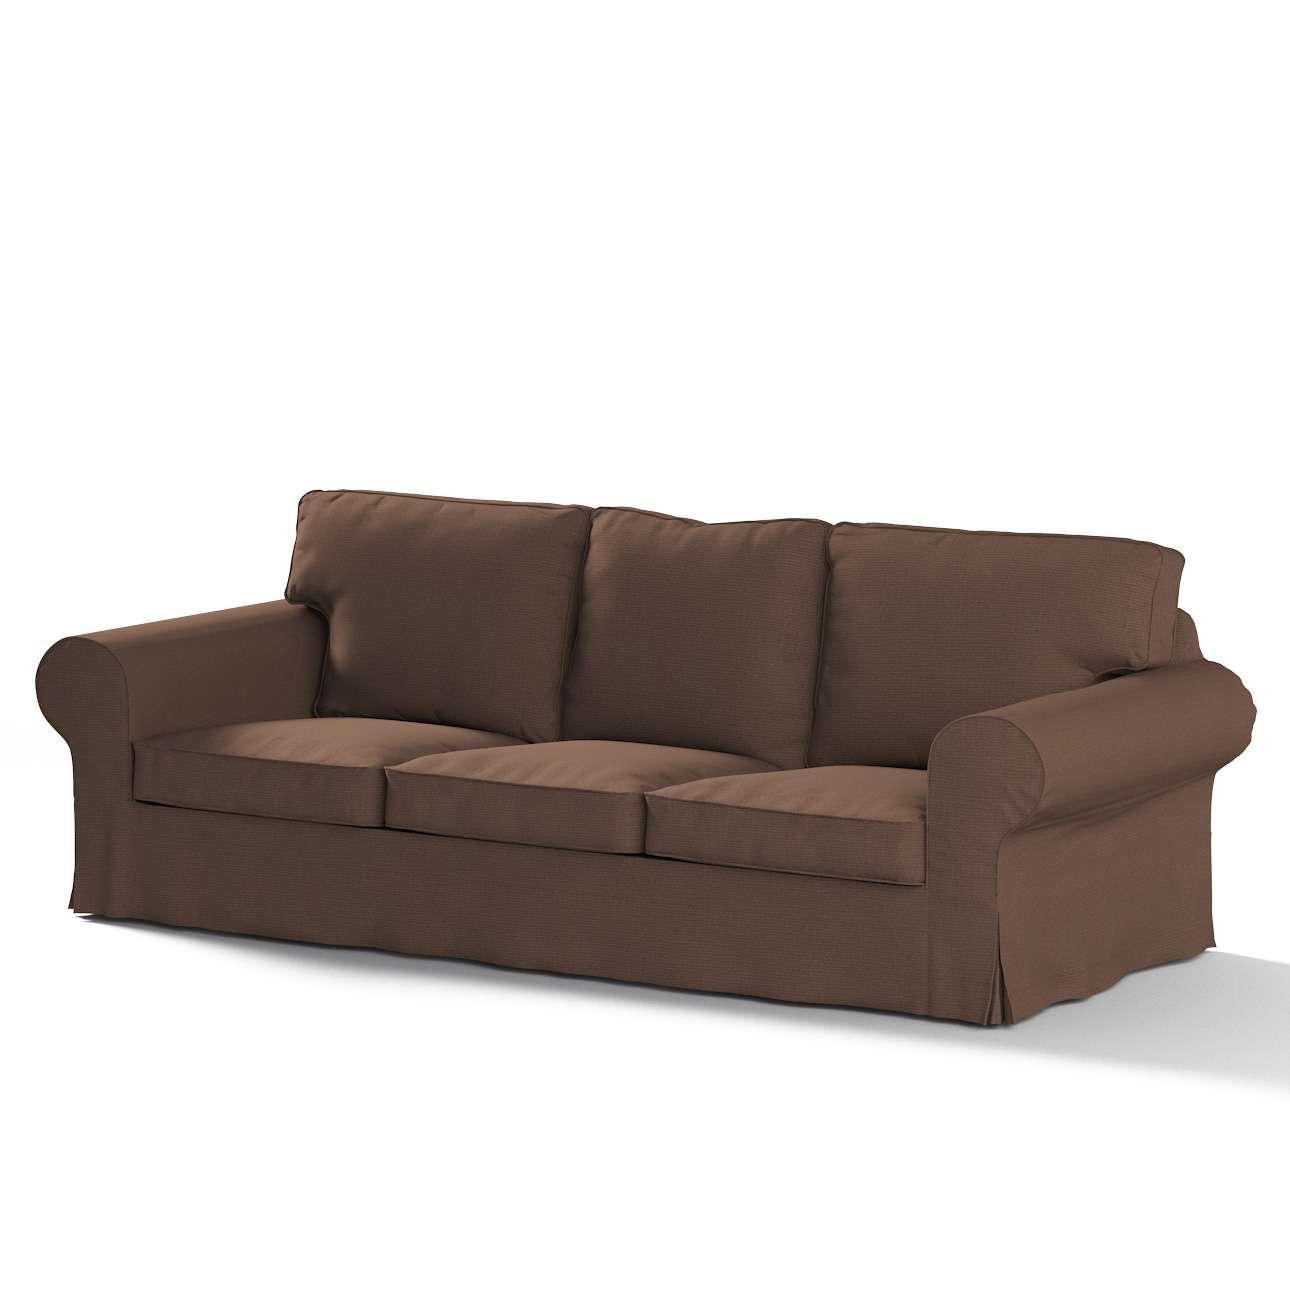 Ektorp trivietės sofos užvalkalas Ektorp trivietės sofos užvalkalas kolekcijoje Etna , audinys: 705-08